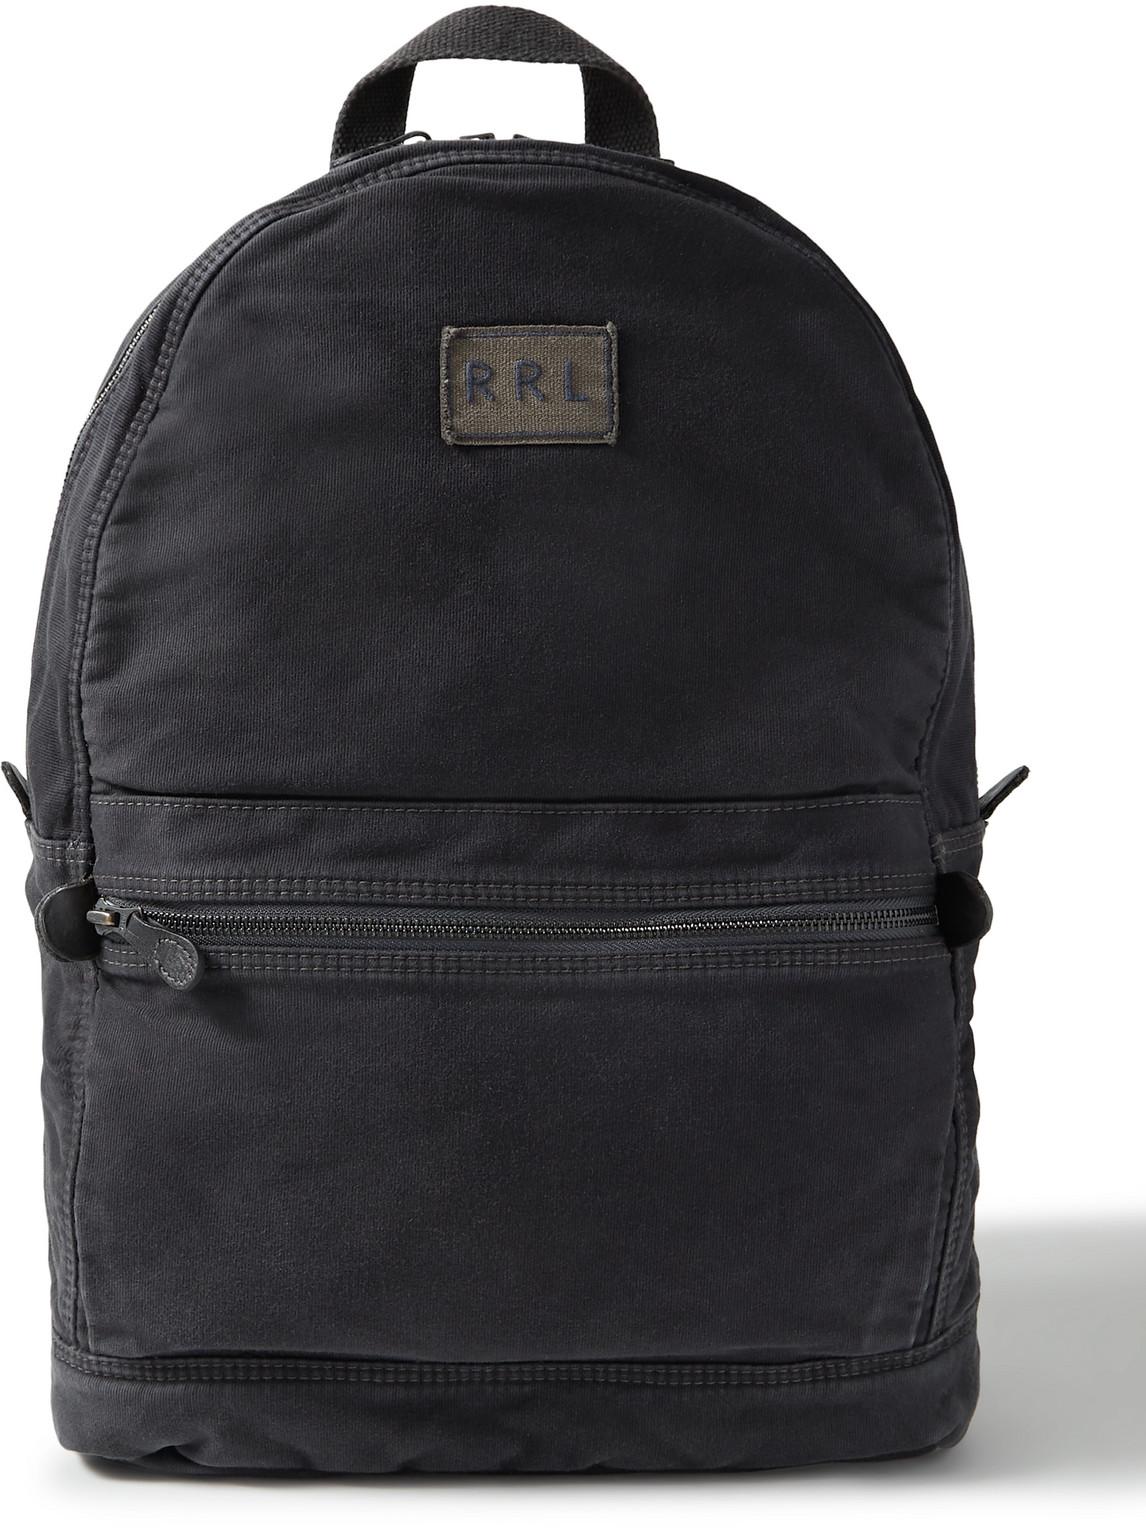 Rrl - Logo-Appliquéd Cotton Backpack - Men - Blue